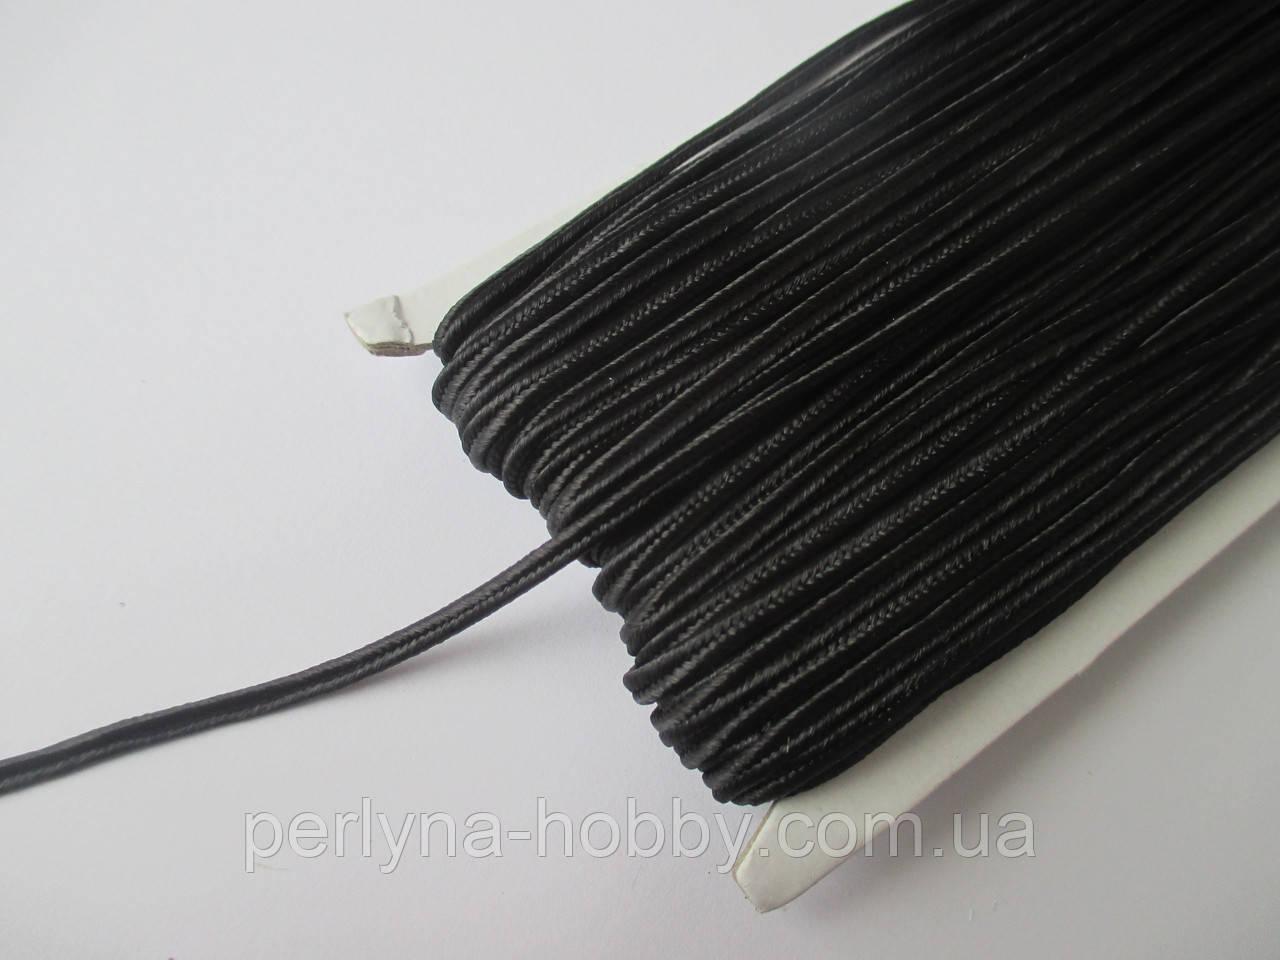 Сутаж 3 мм чорний